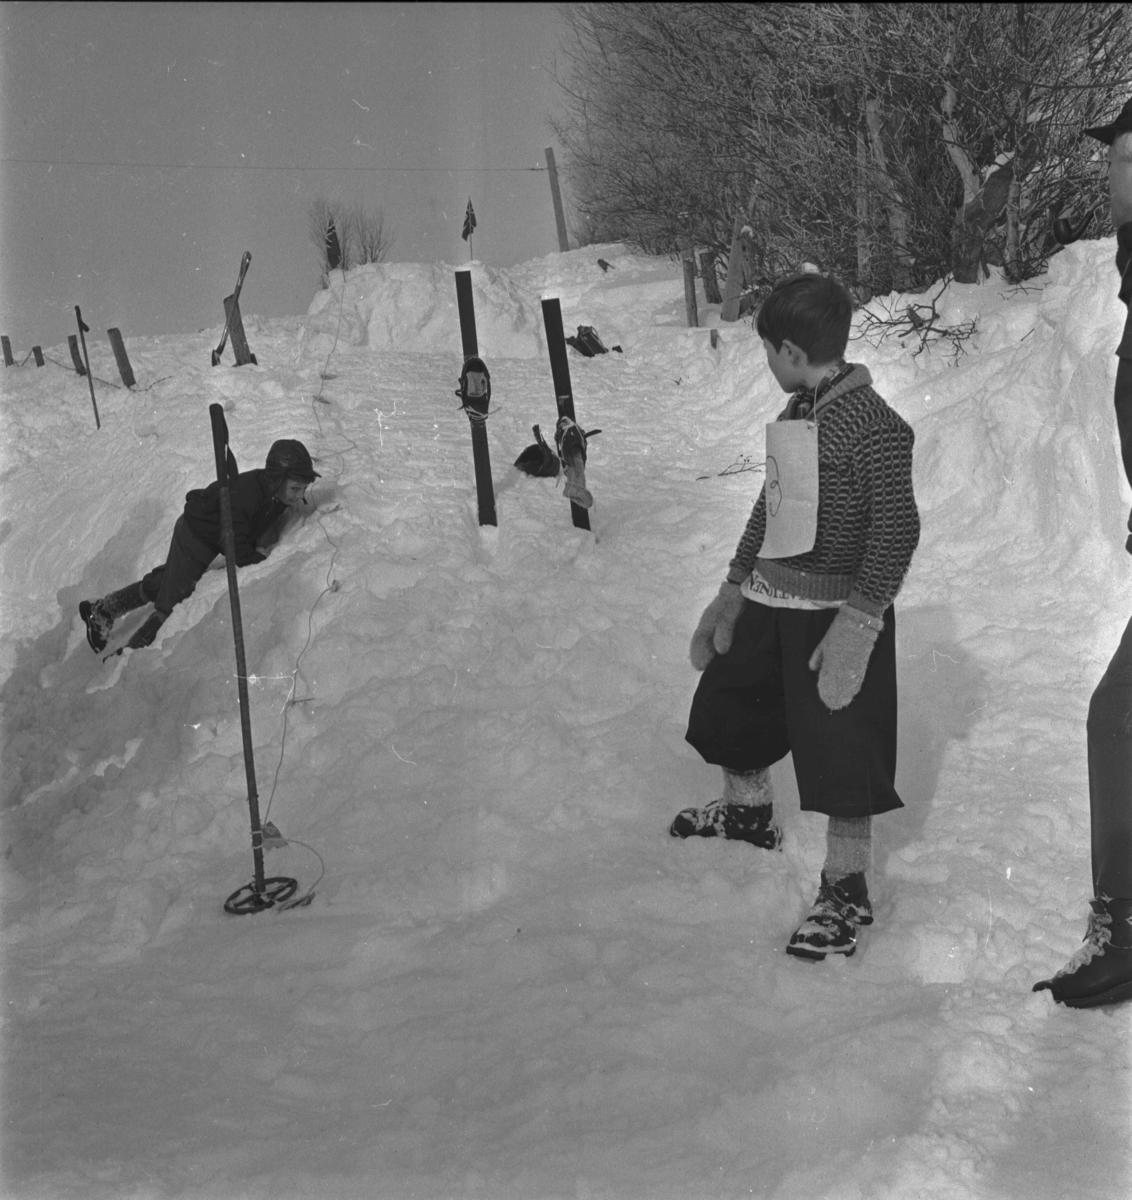 Vingelen, filminnspilling av freske fraspark, barn, vinter, skihopping, ski, staver